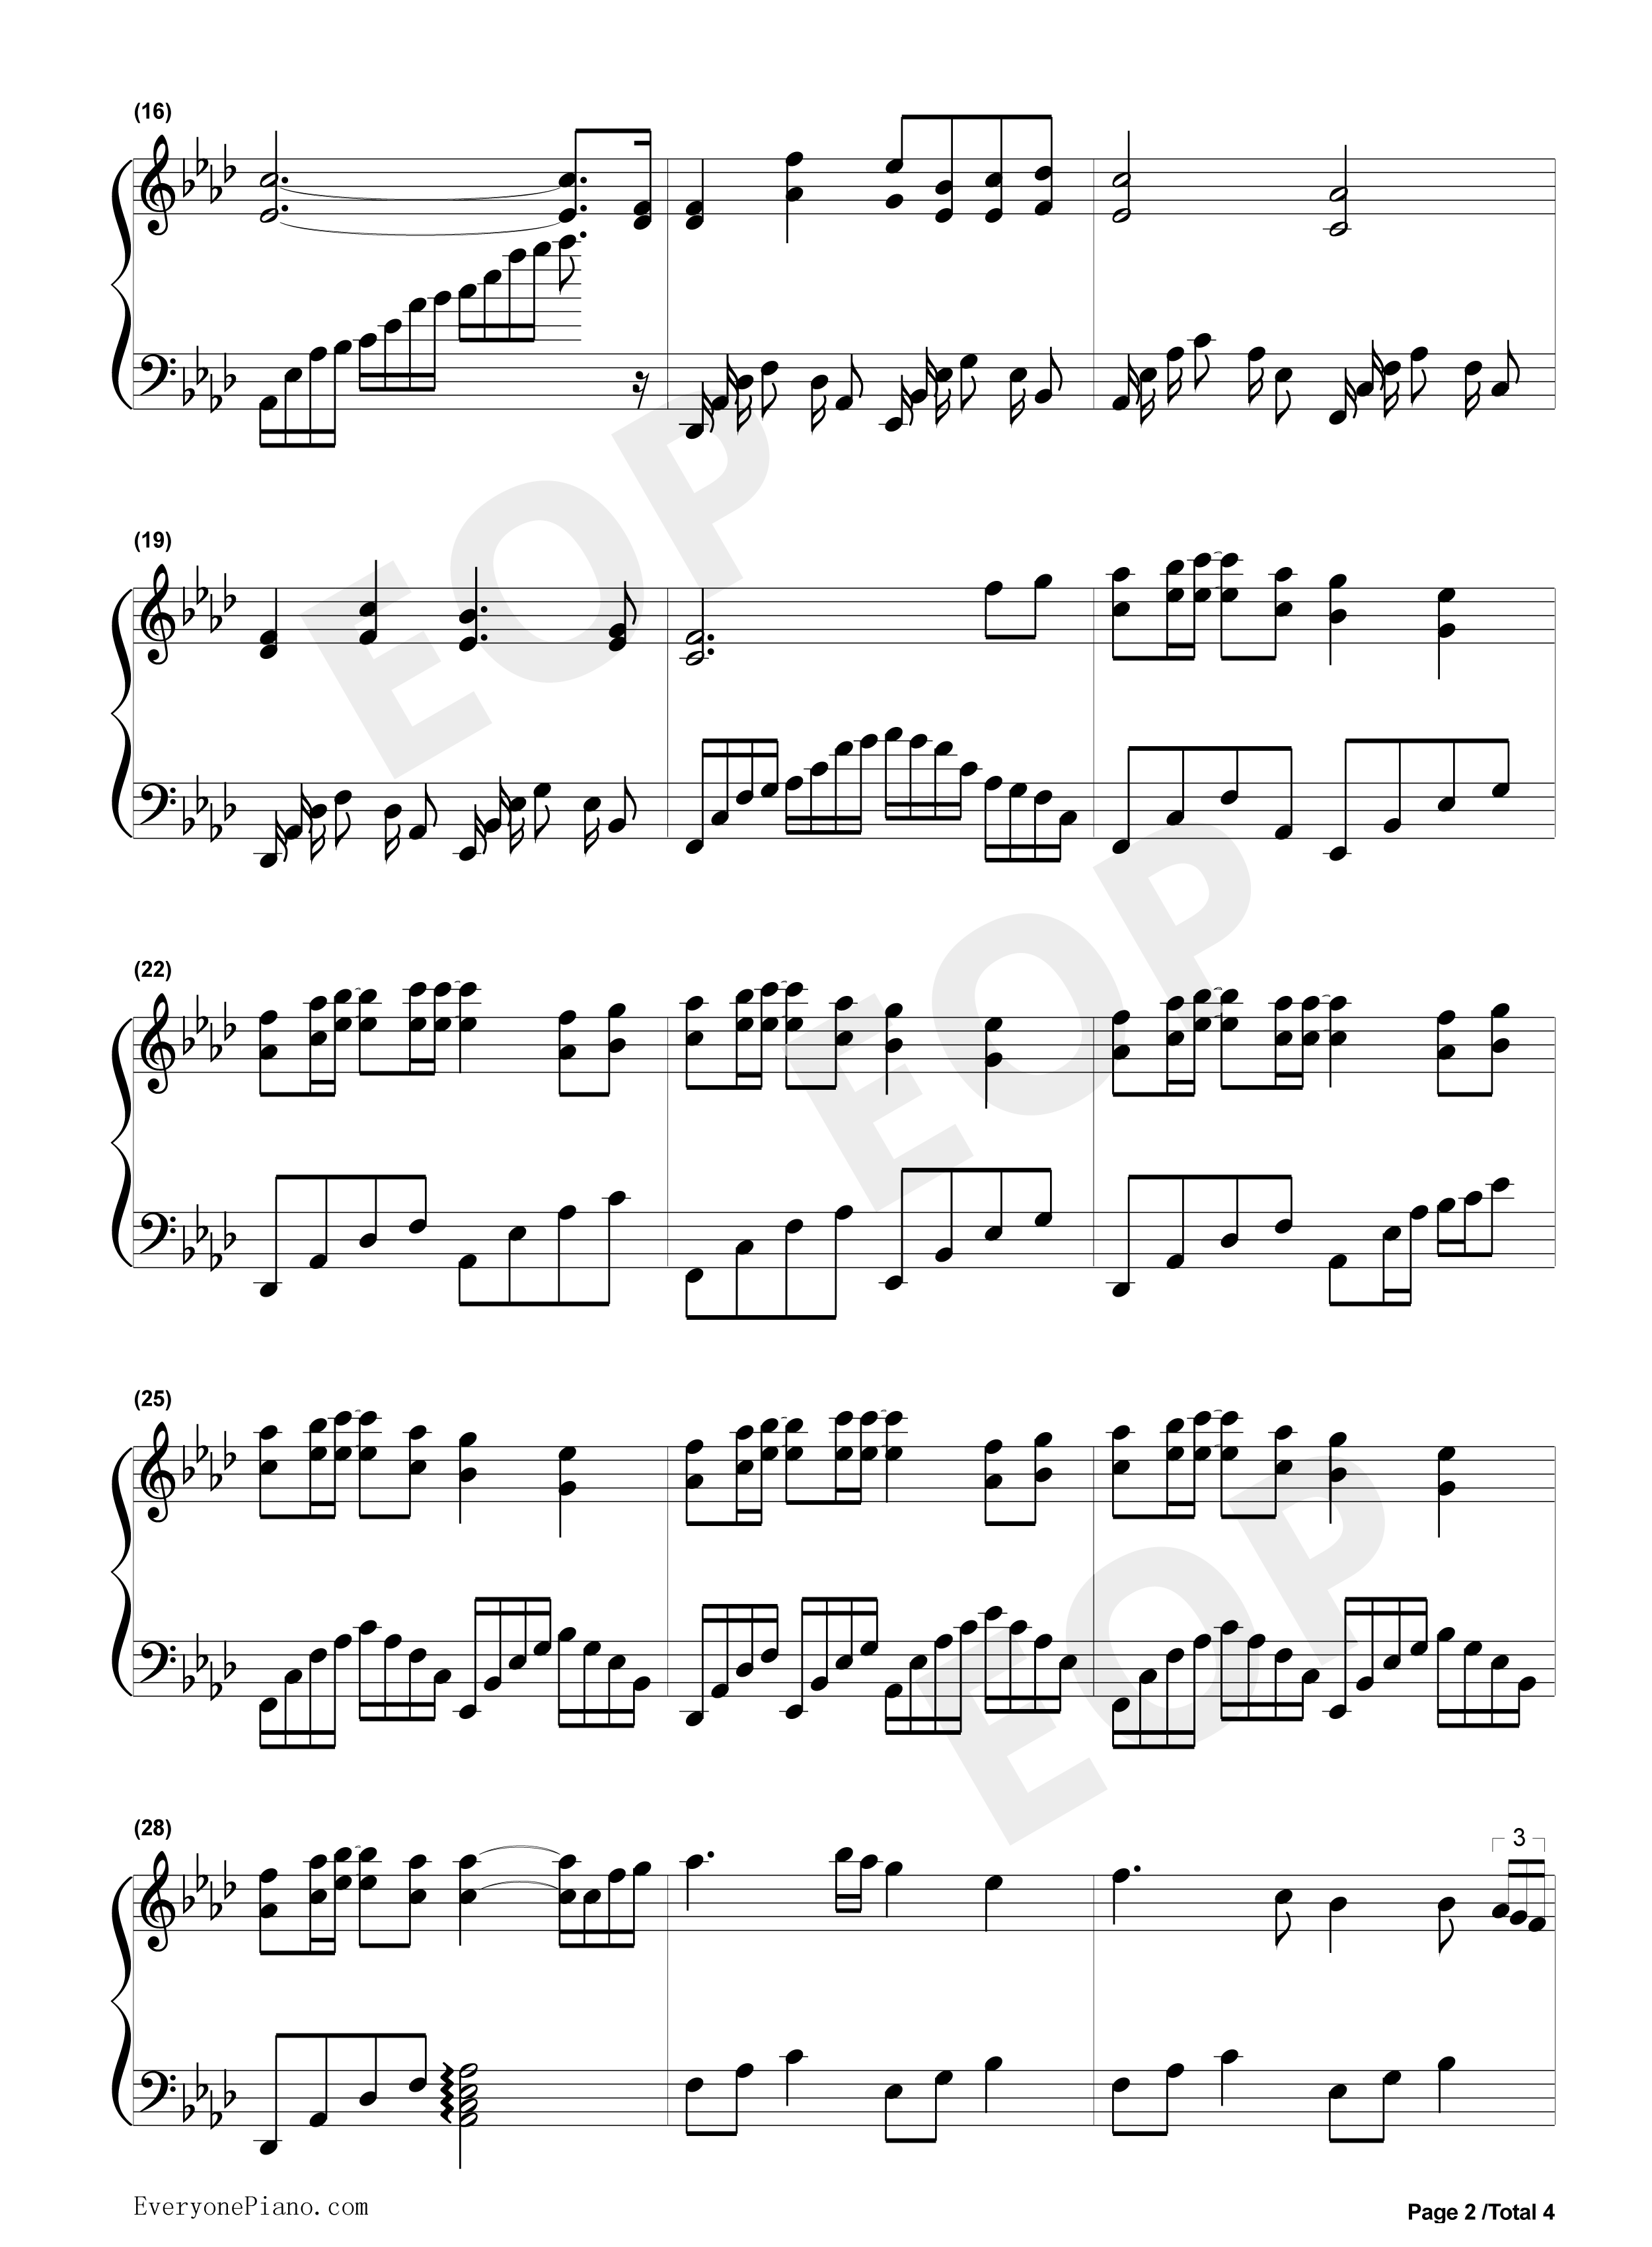 钢琴曲谱 流行 美丽的神话 美丽的神话五线谱预览2  }  仅供学习交流